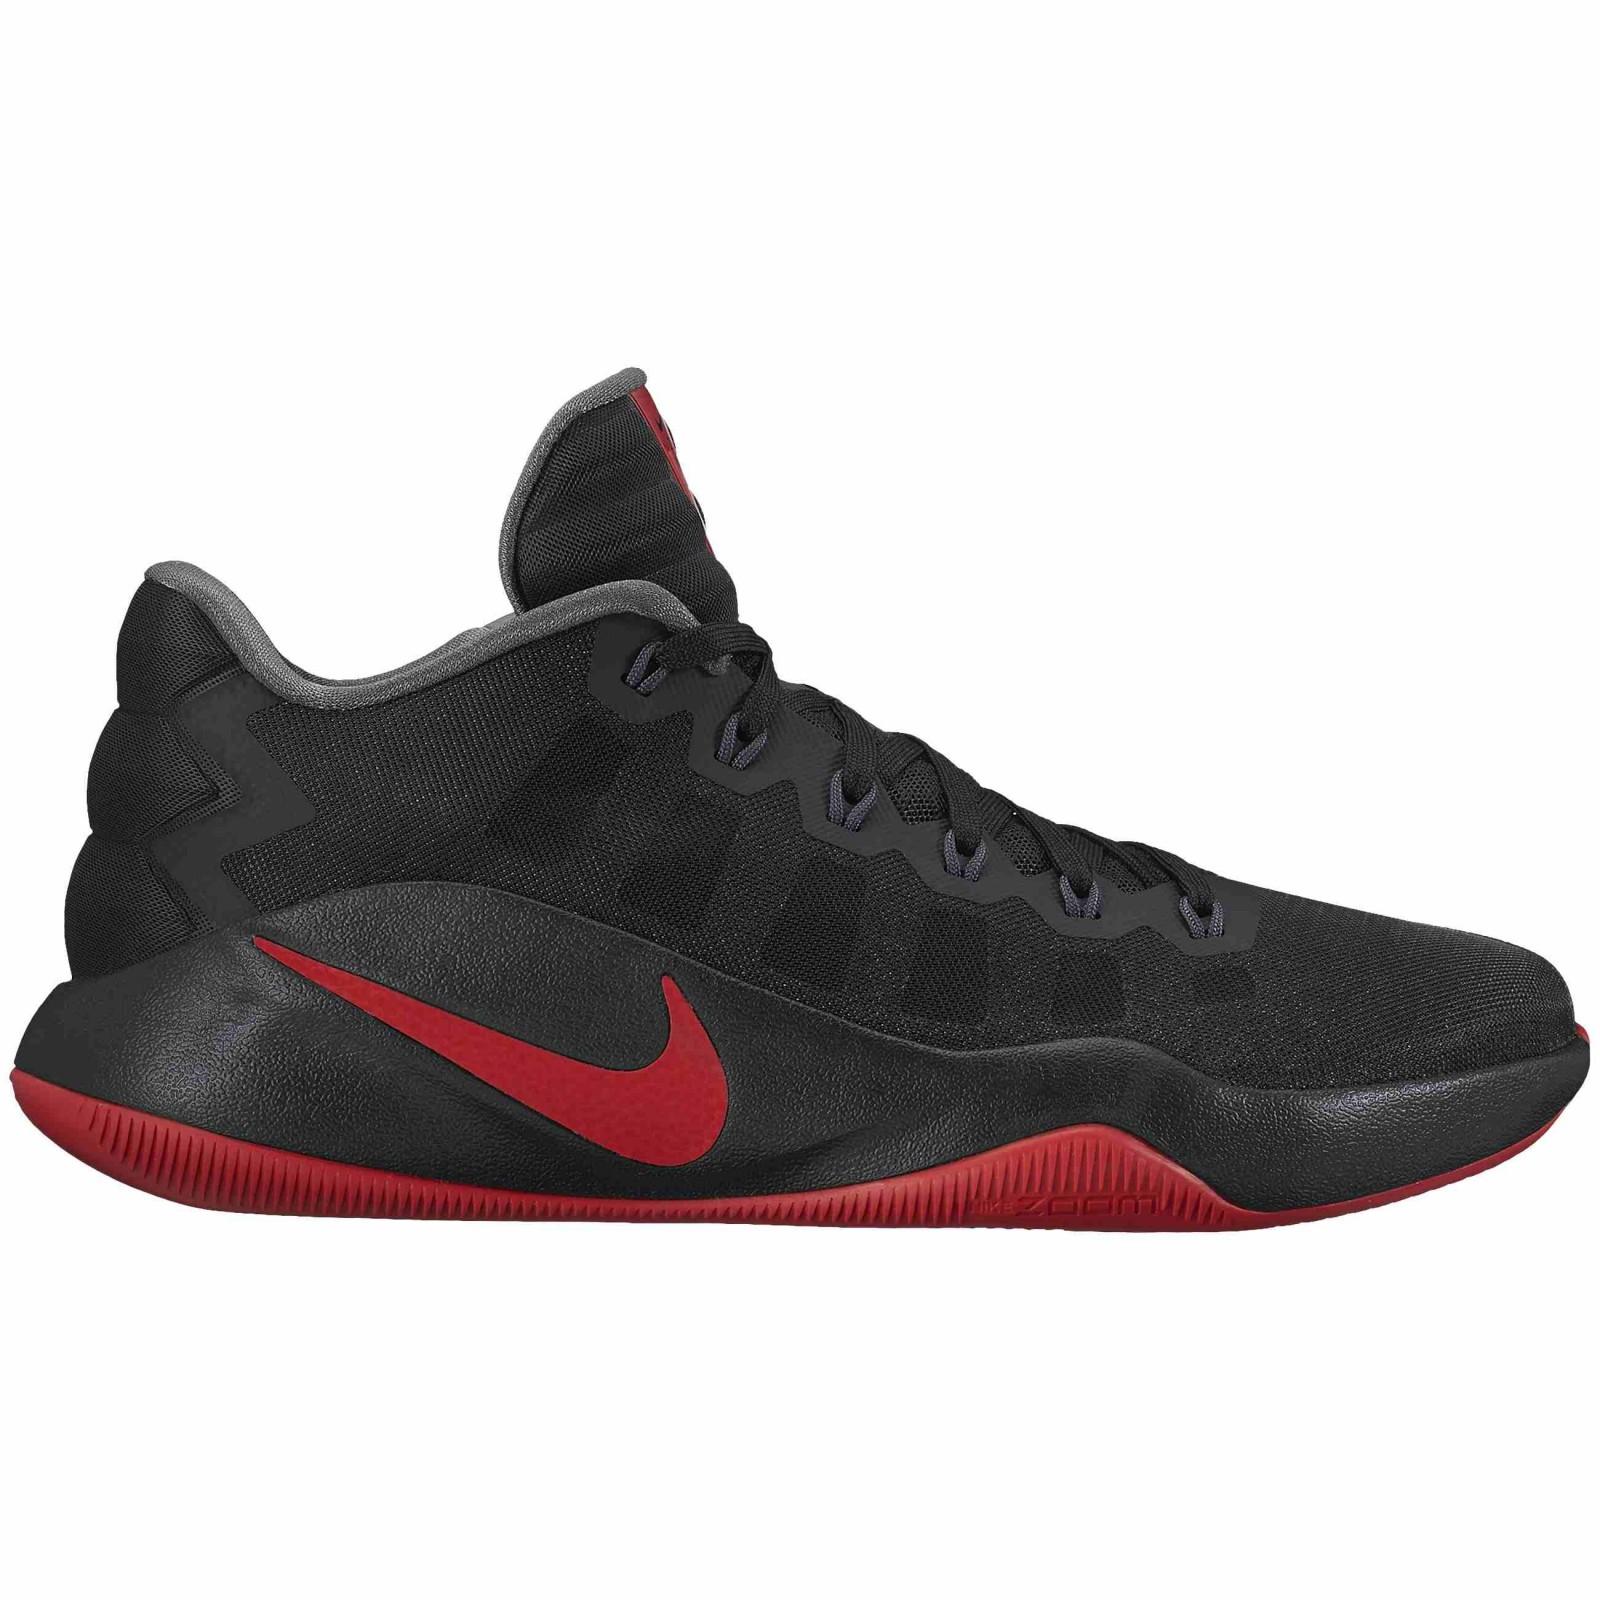 e2b0a46c08c Pánské basketbalové boty boty Nike HYPERDUNK 2016 LOW